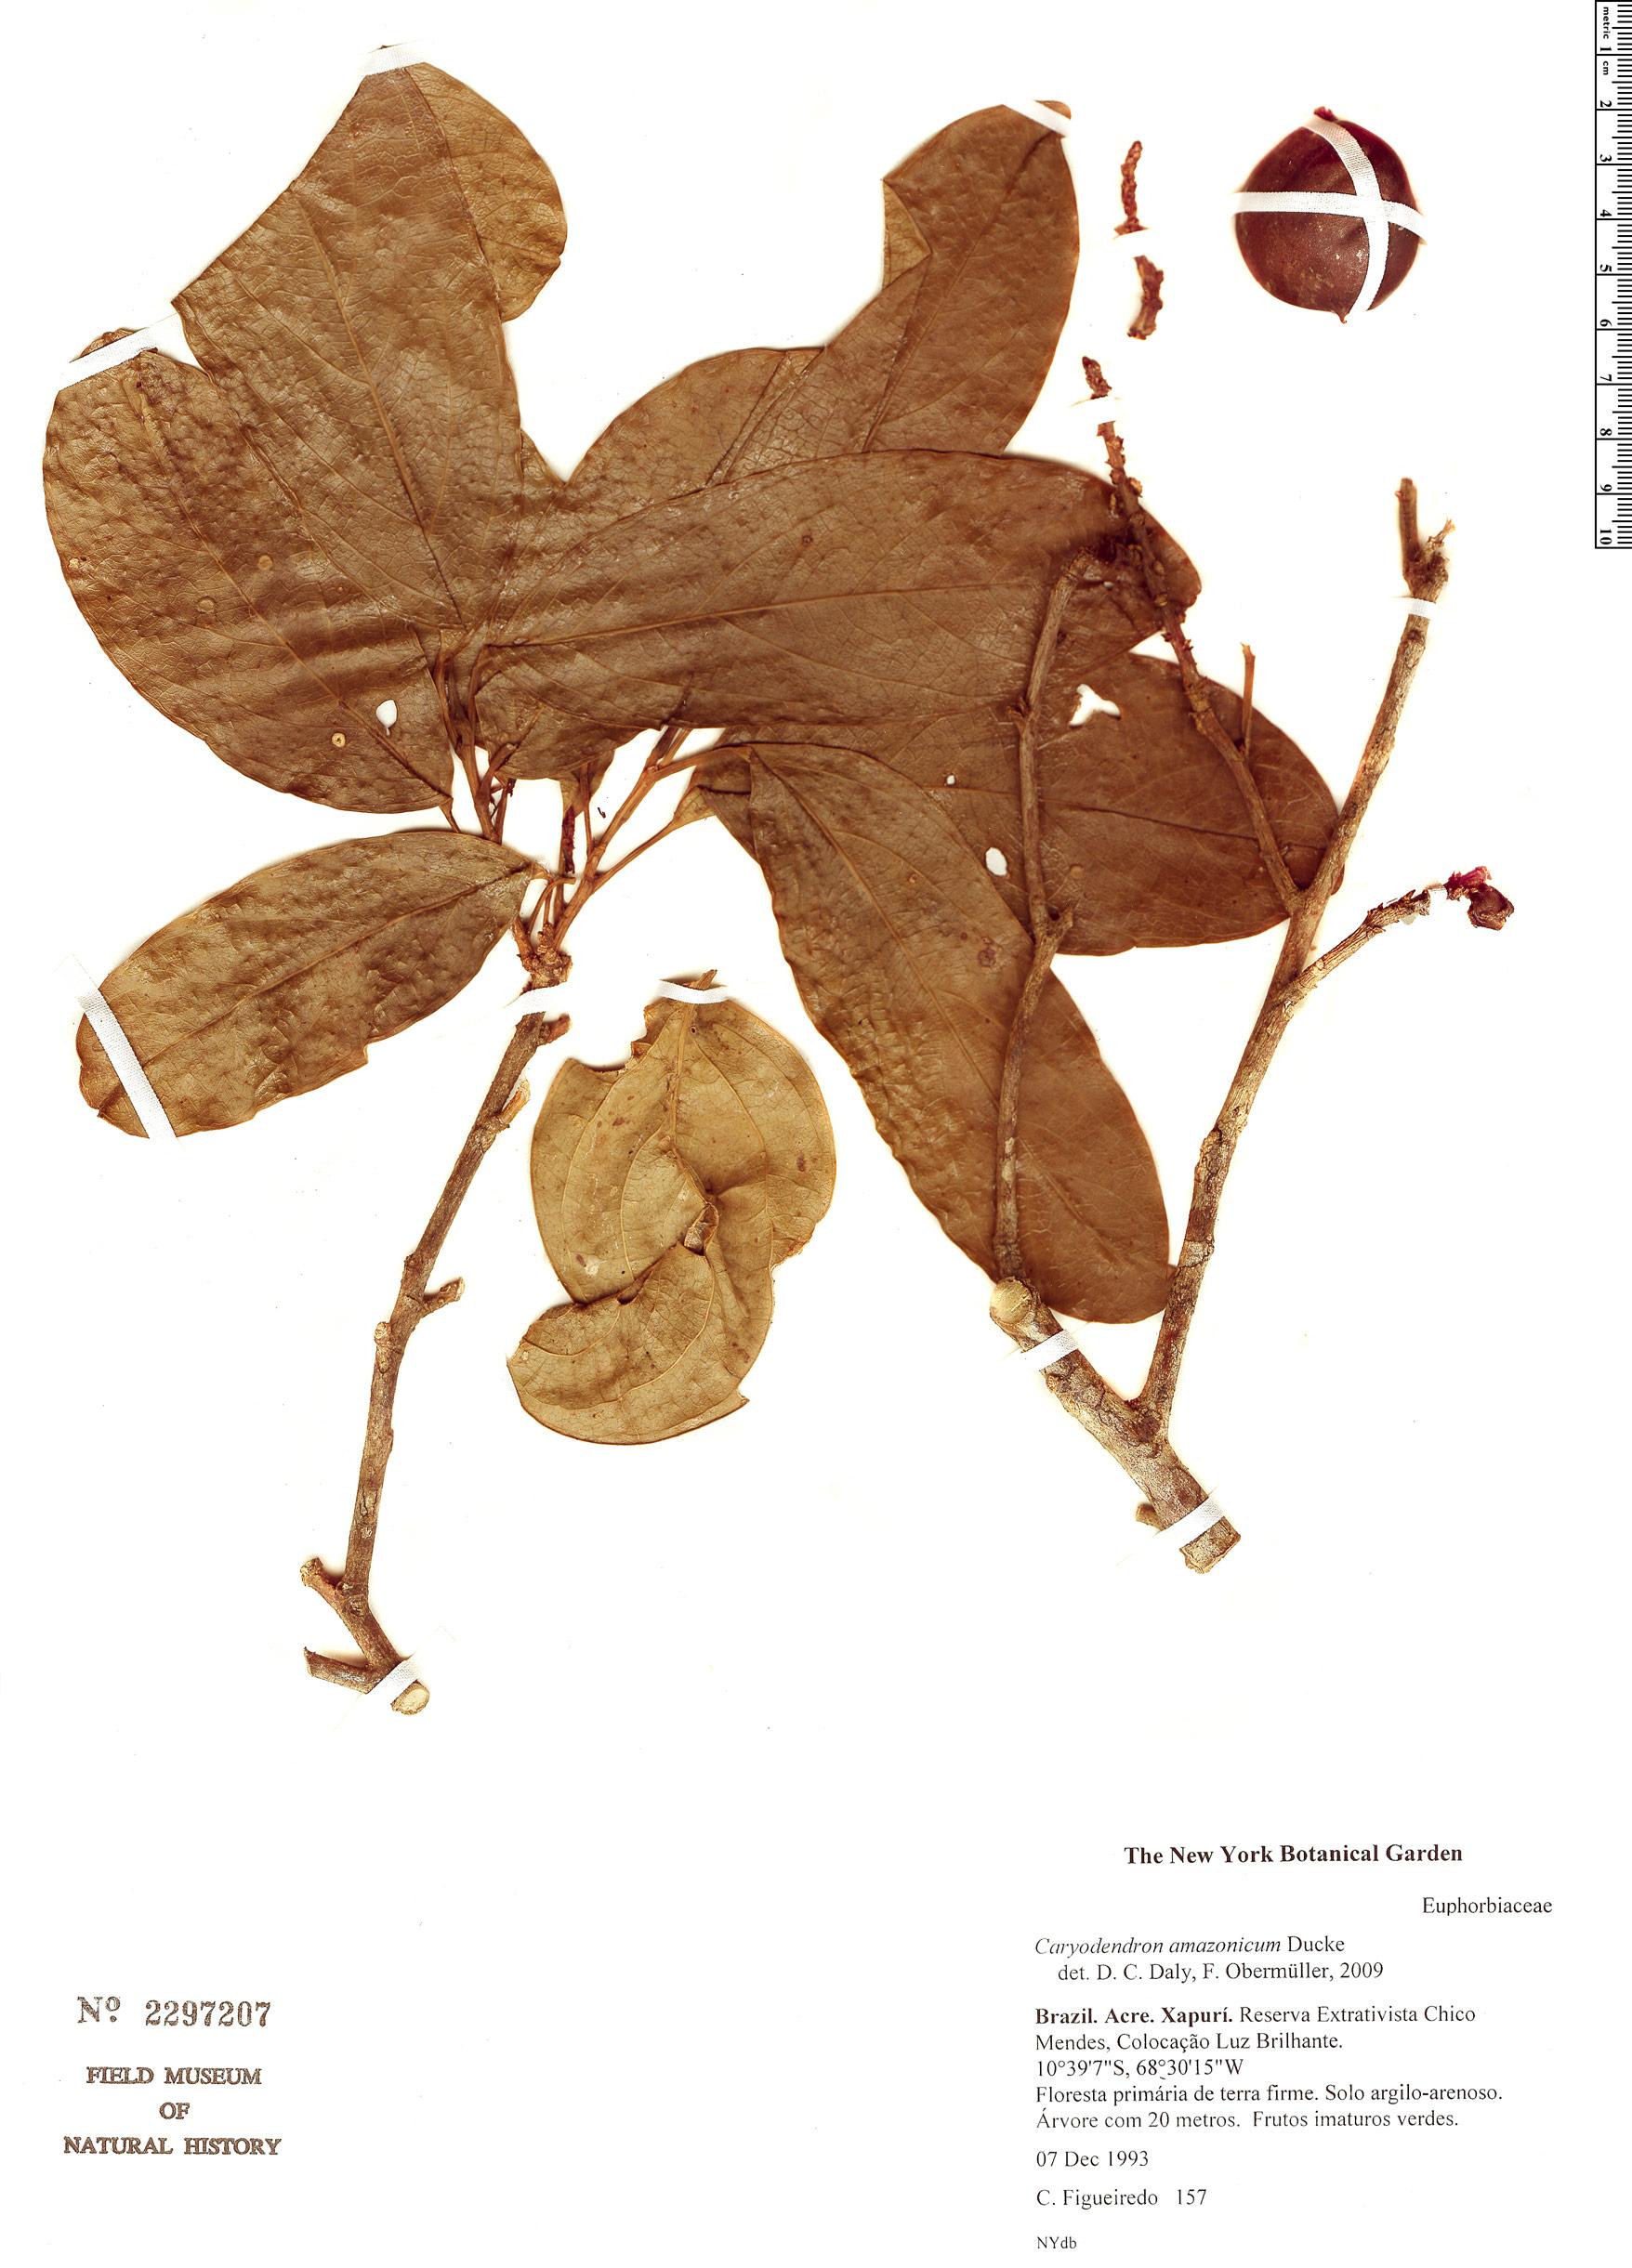 Specimen: Caryodendron amazonicum